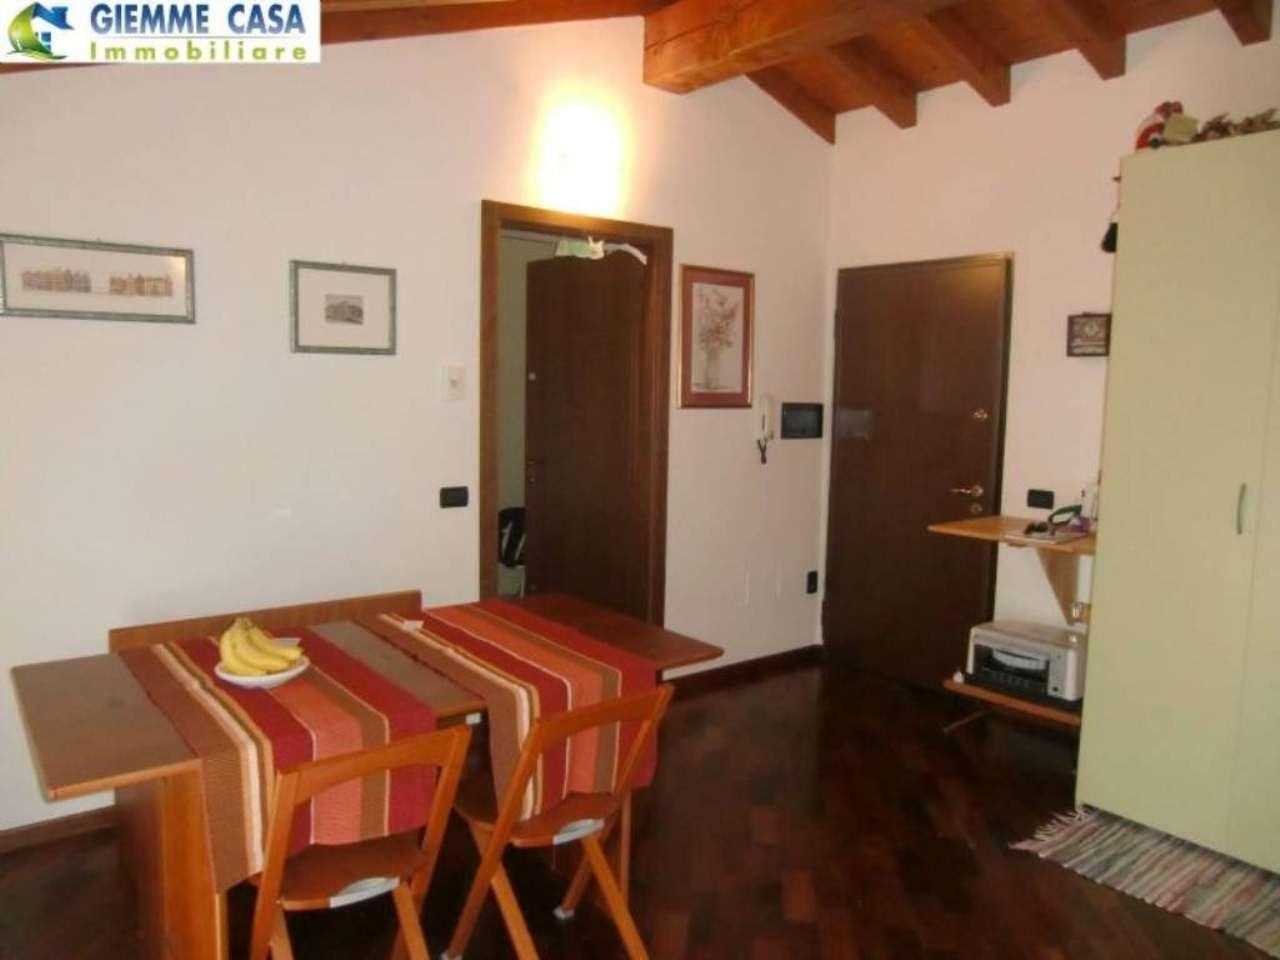 Bilocale Lonato Del Garda Via Montebello 1